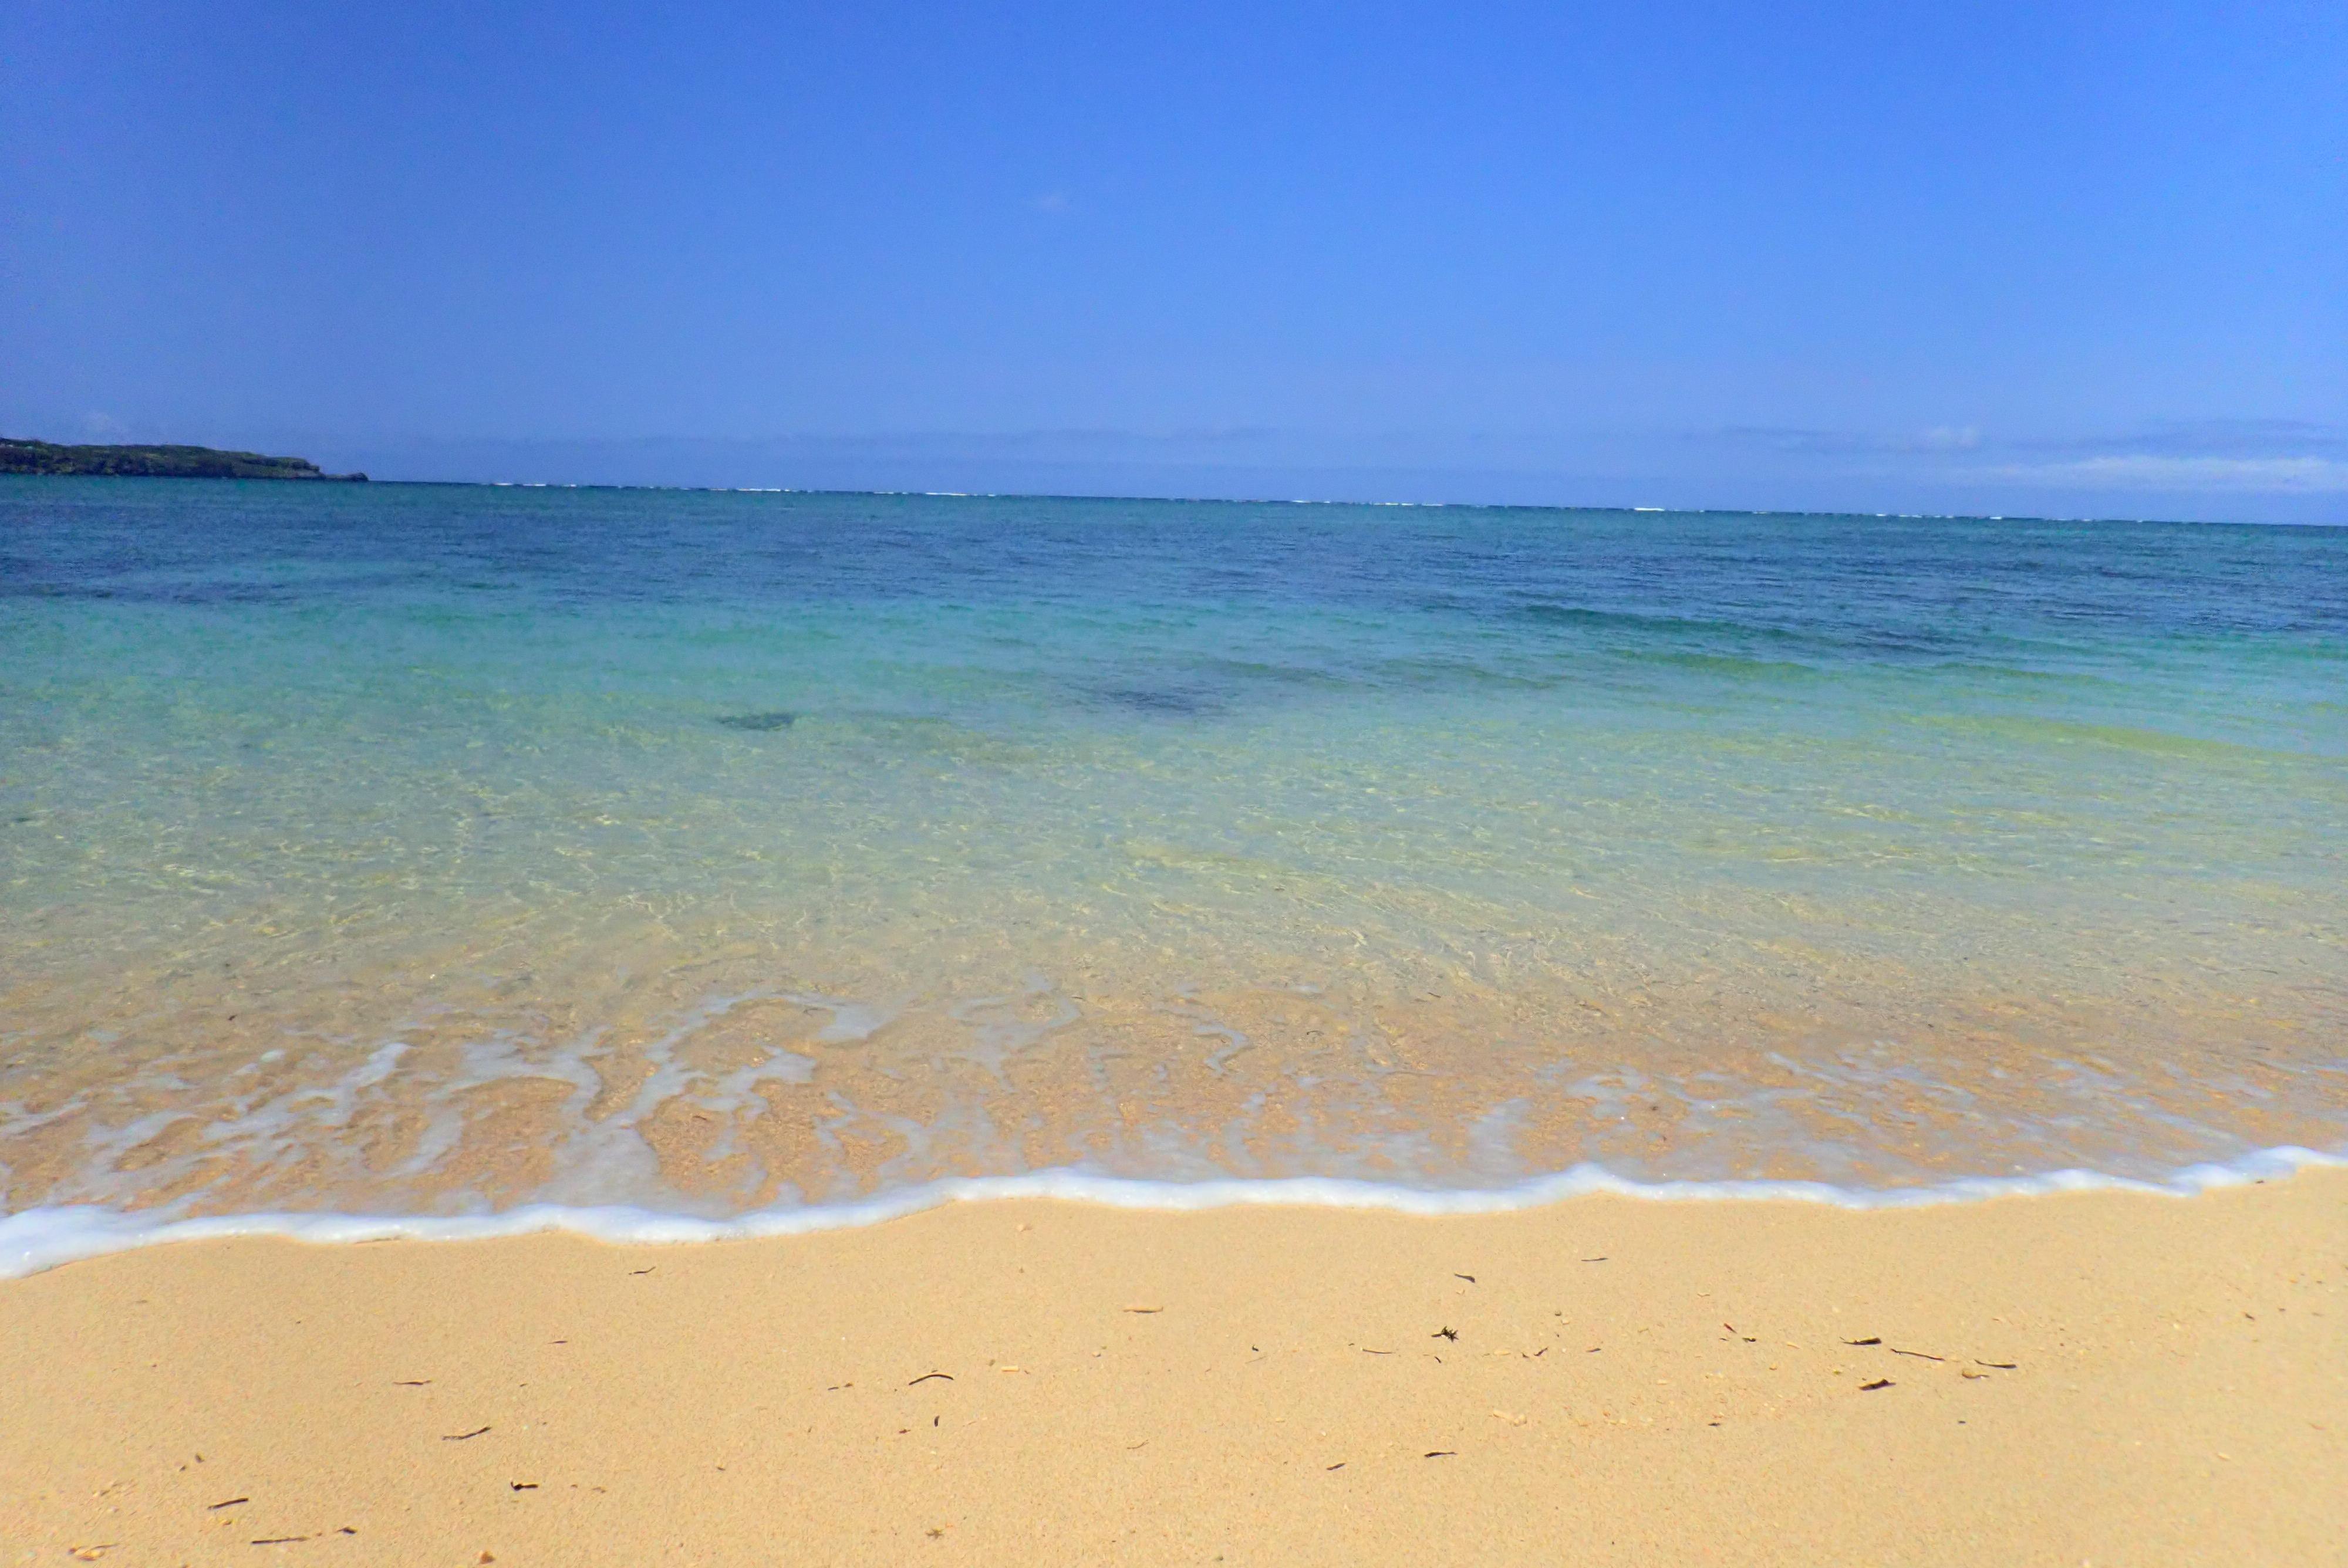 プライベートビーチ写真/のんびり癒し旅